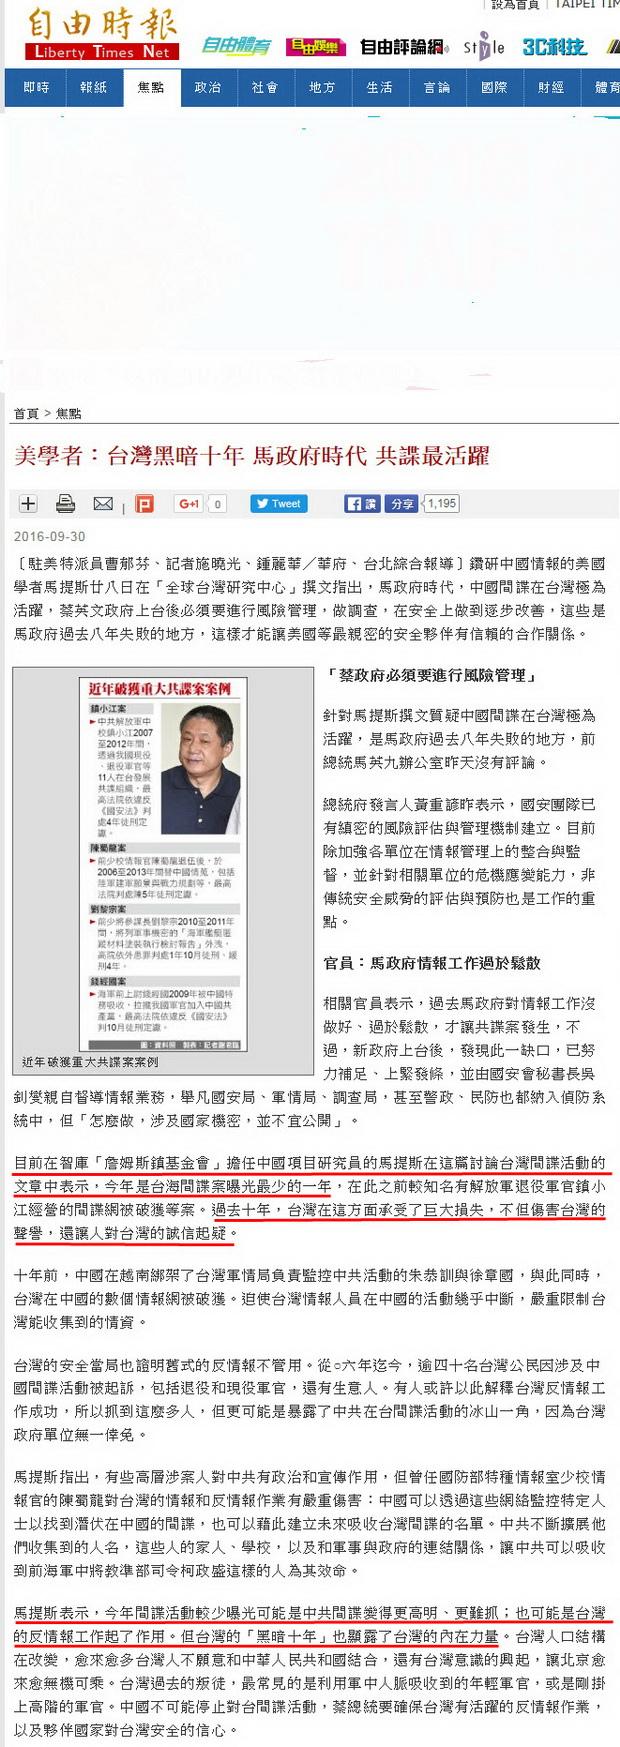 美學者:台灣黑暗十年 馬政府時代 共諜最活躍-2016.09.30.jpg